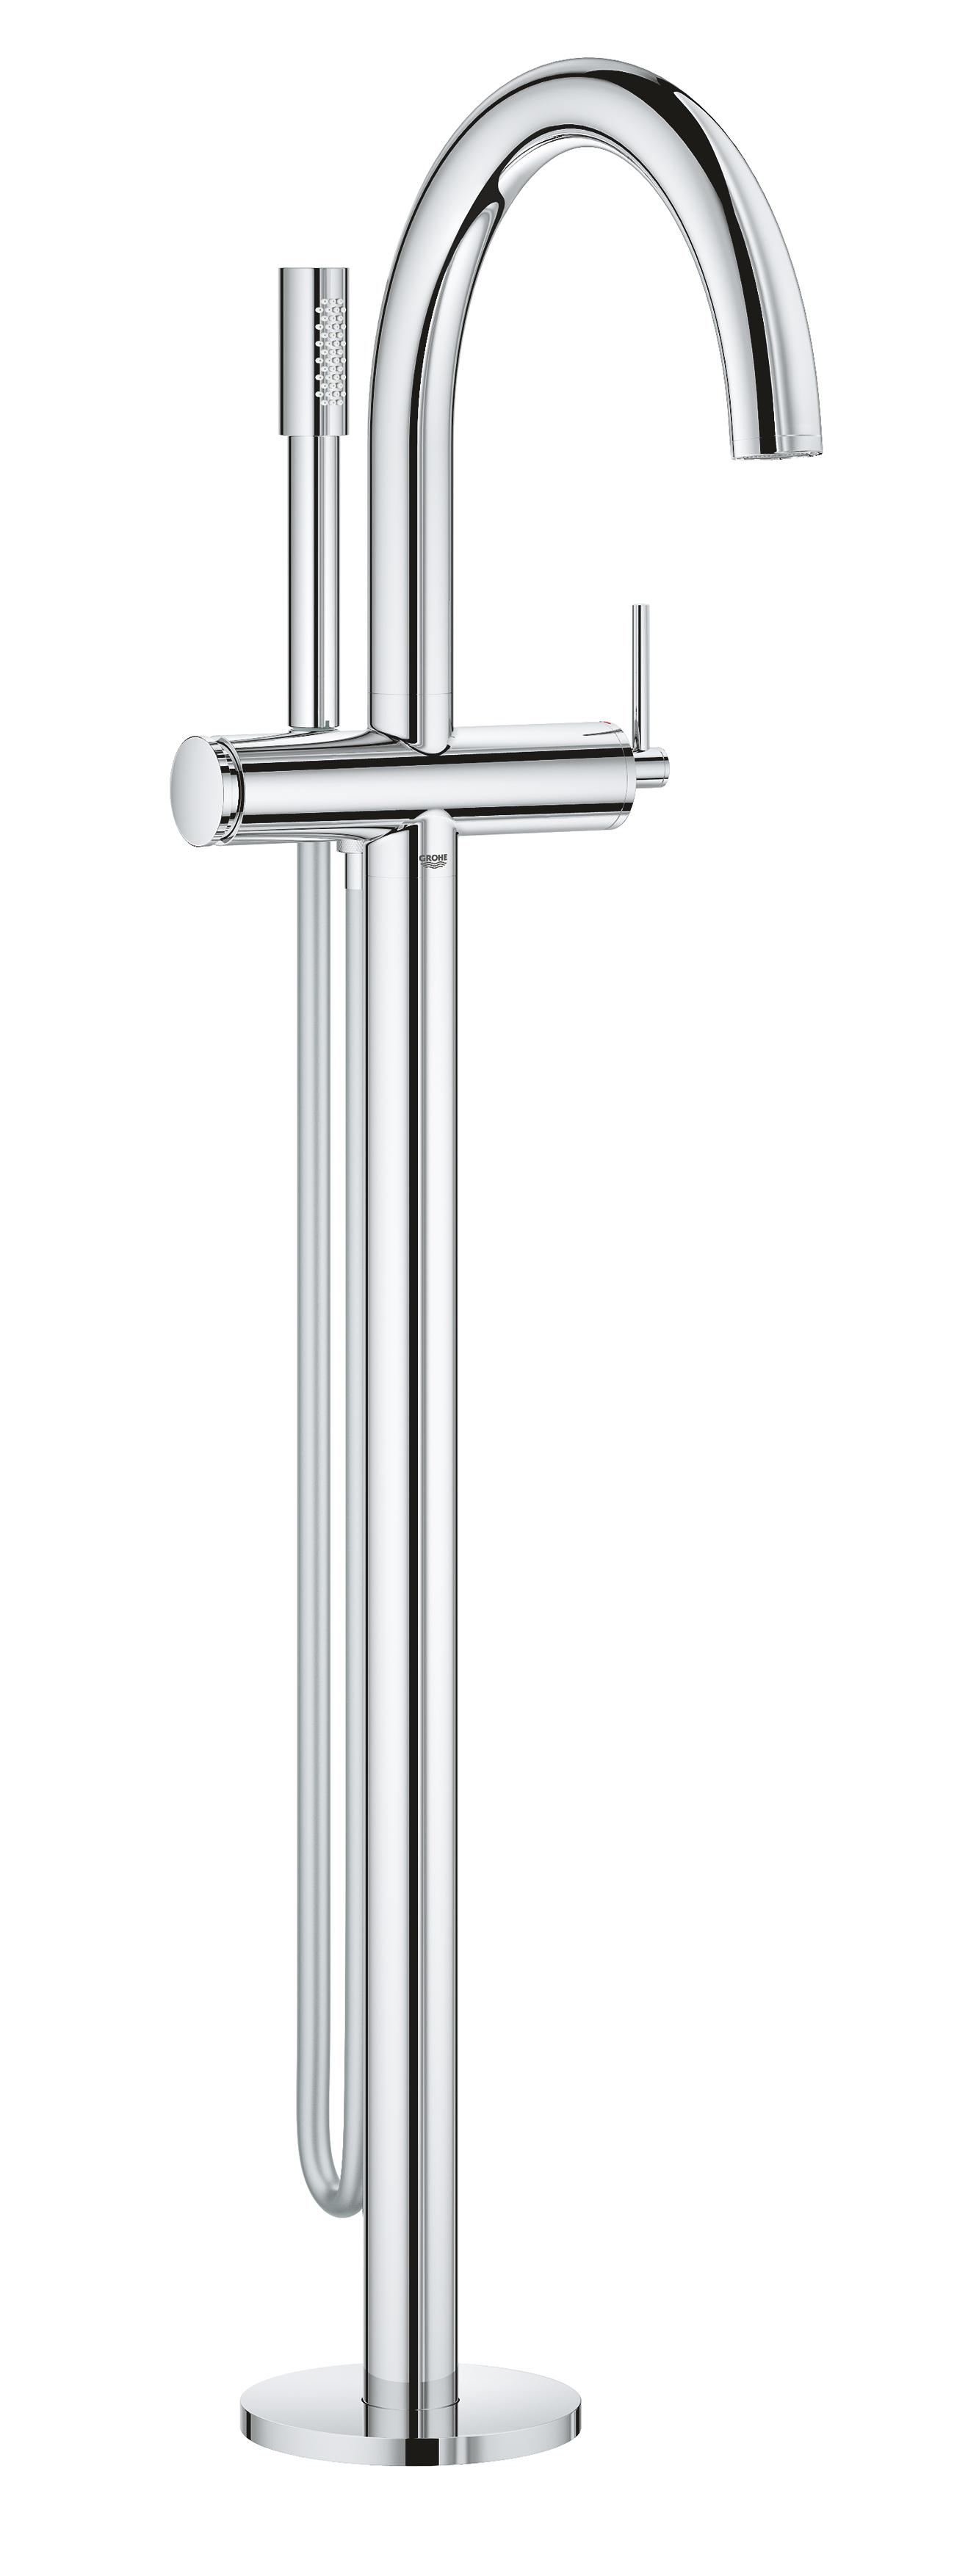 GROHE Atrio - jednouchwytowa bateria wannowa do montażu podłogowego z zestawem punktowym chrom 32653003 .